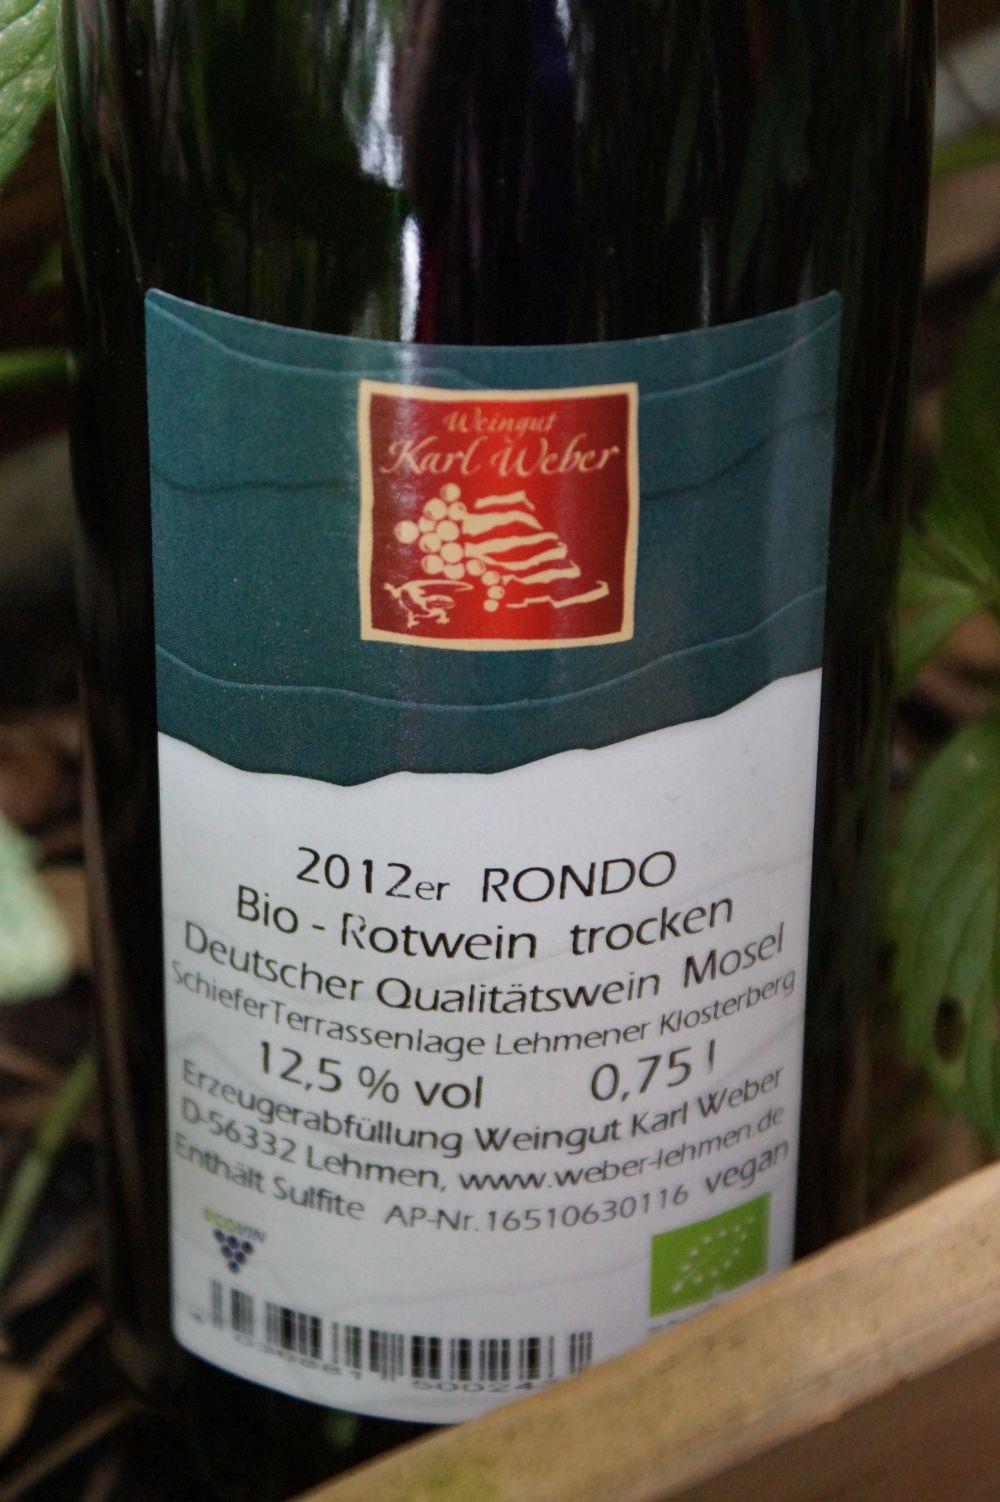 Rondo vom Weingut Weber aus Lehmen (Mosel)